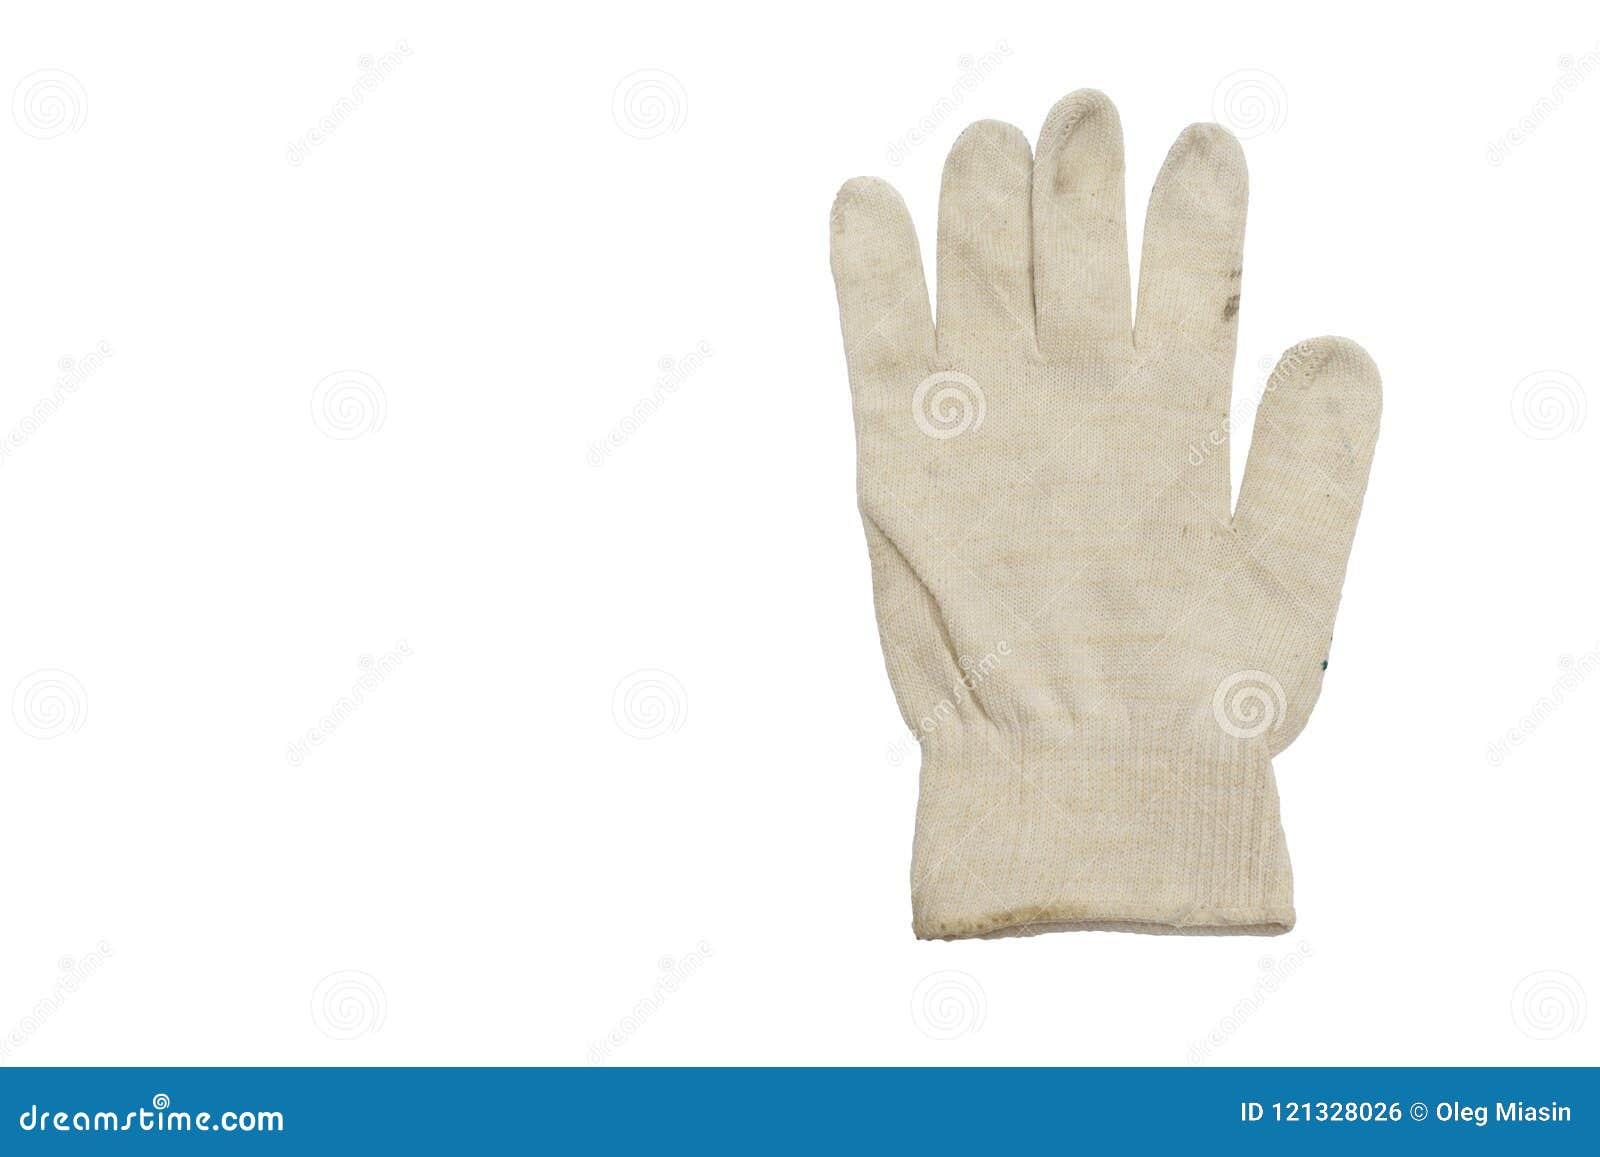 Biała rękawiczka bez grzać dato che manuału, pracuje